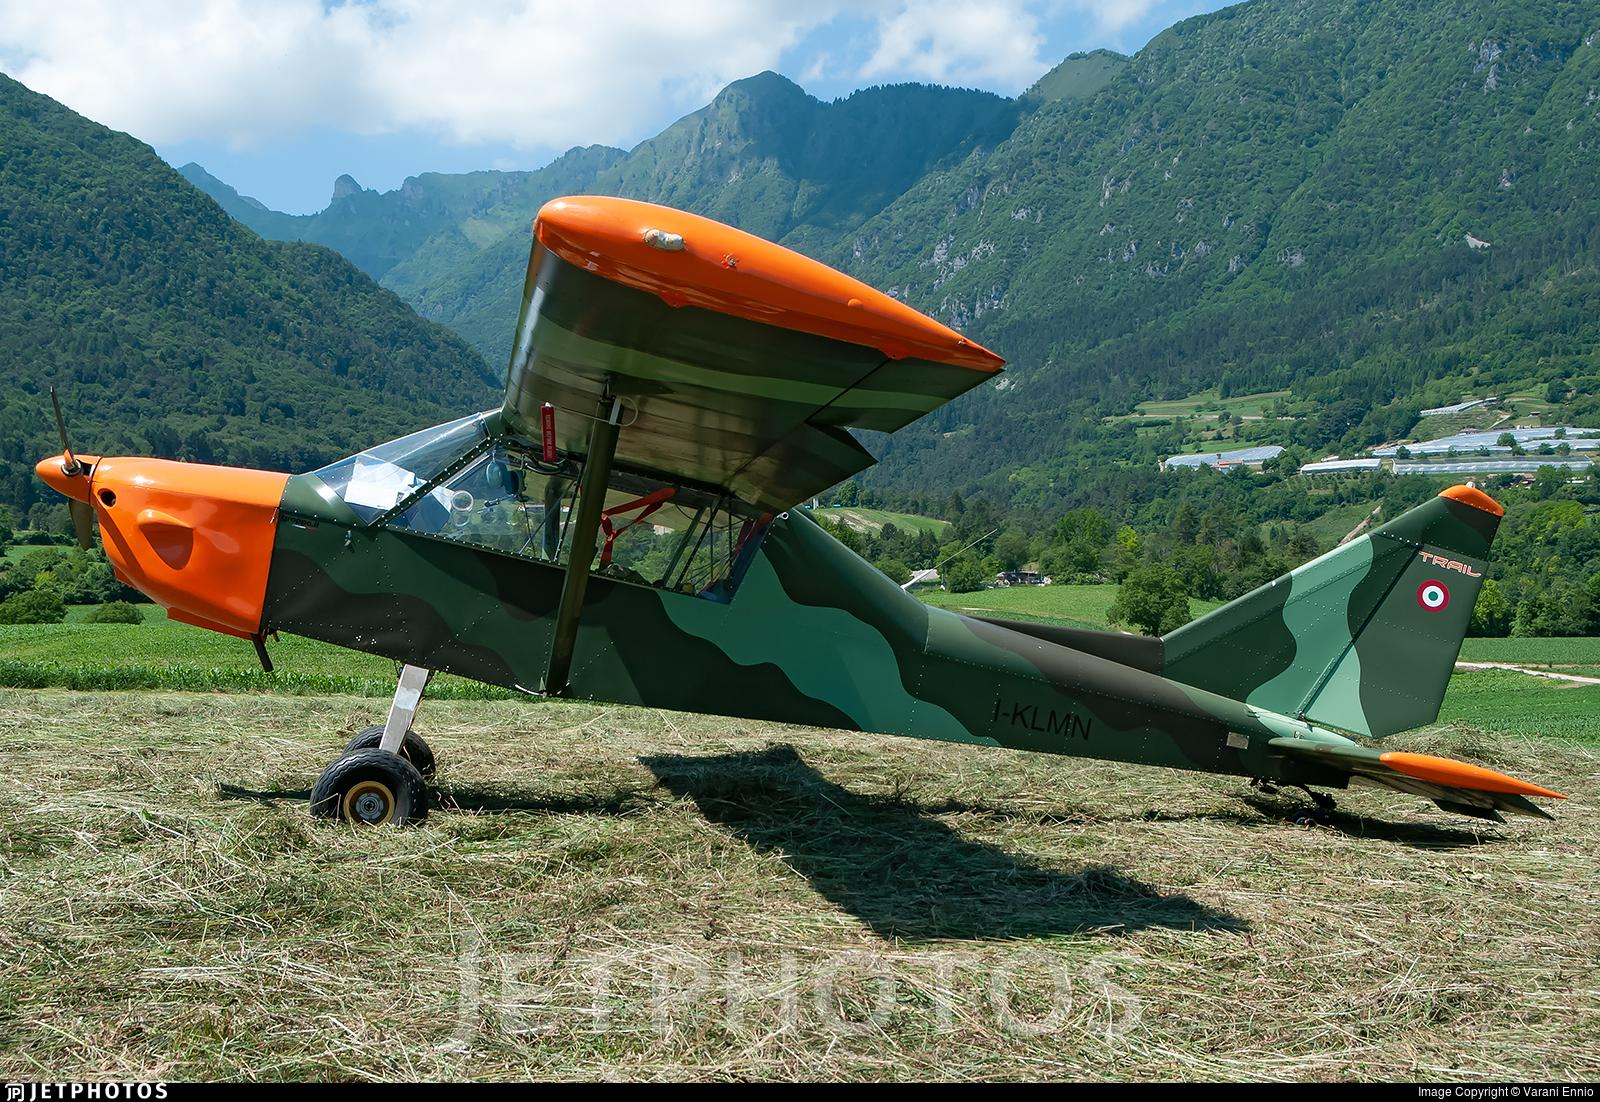 I-KLMN - Nando Groppo Trail - Private